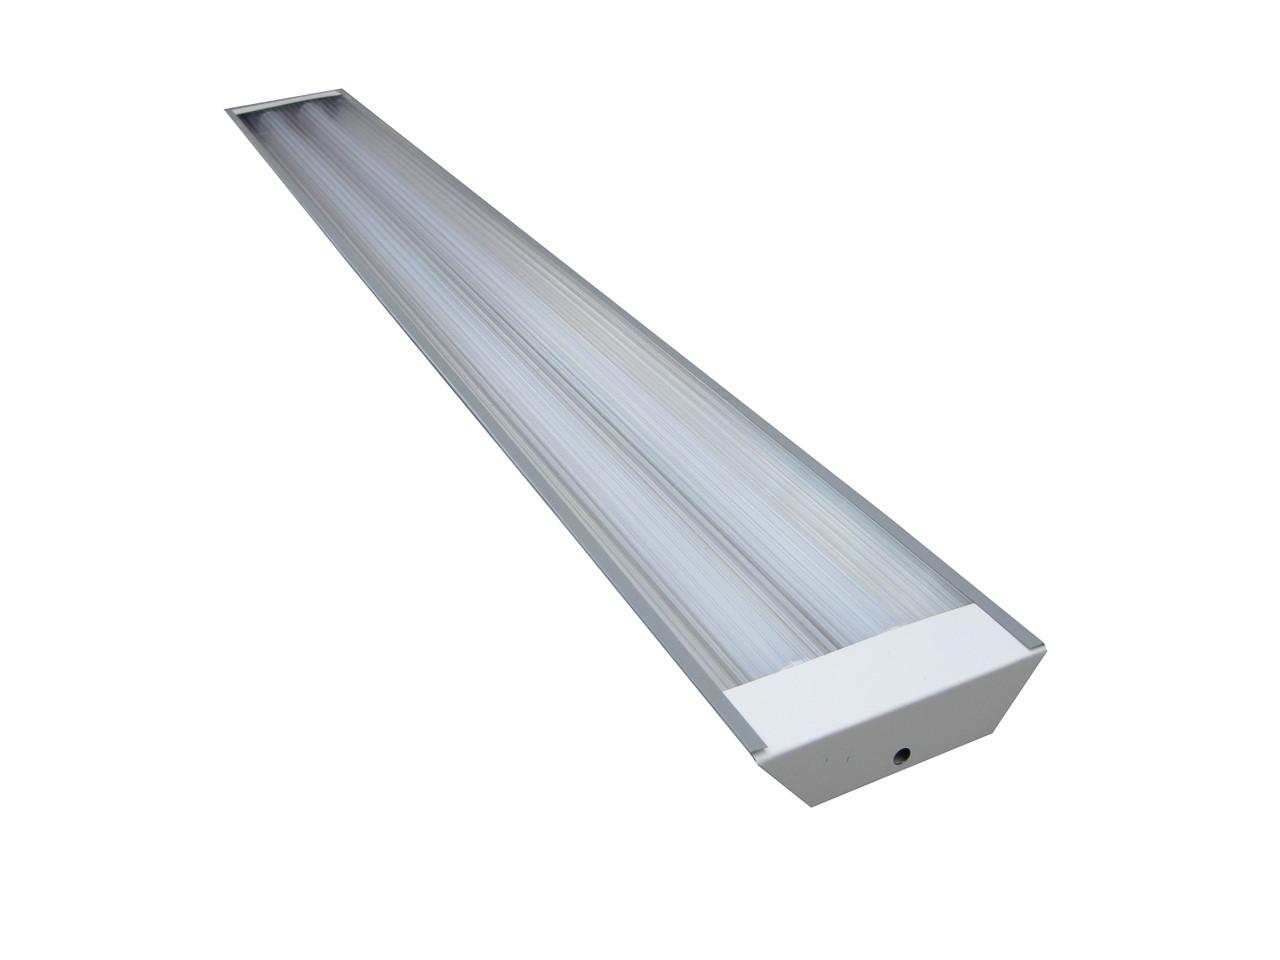 СТ-02 (2х1200) линейный светильник с рассеивателем под LED (ЛЕД) лампы Т8 1200 без ПРА